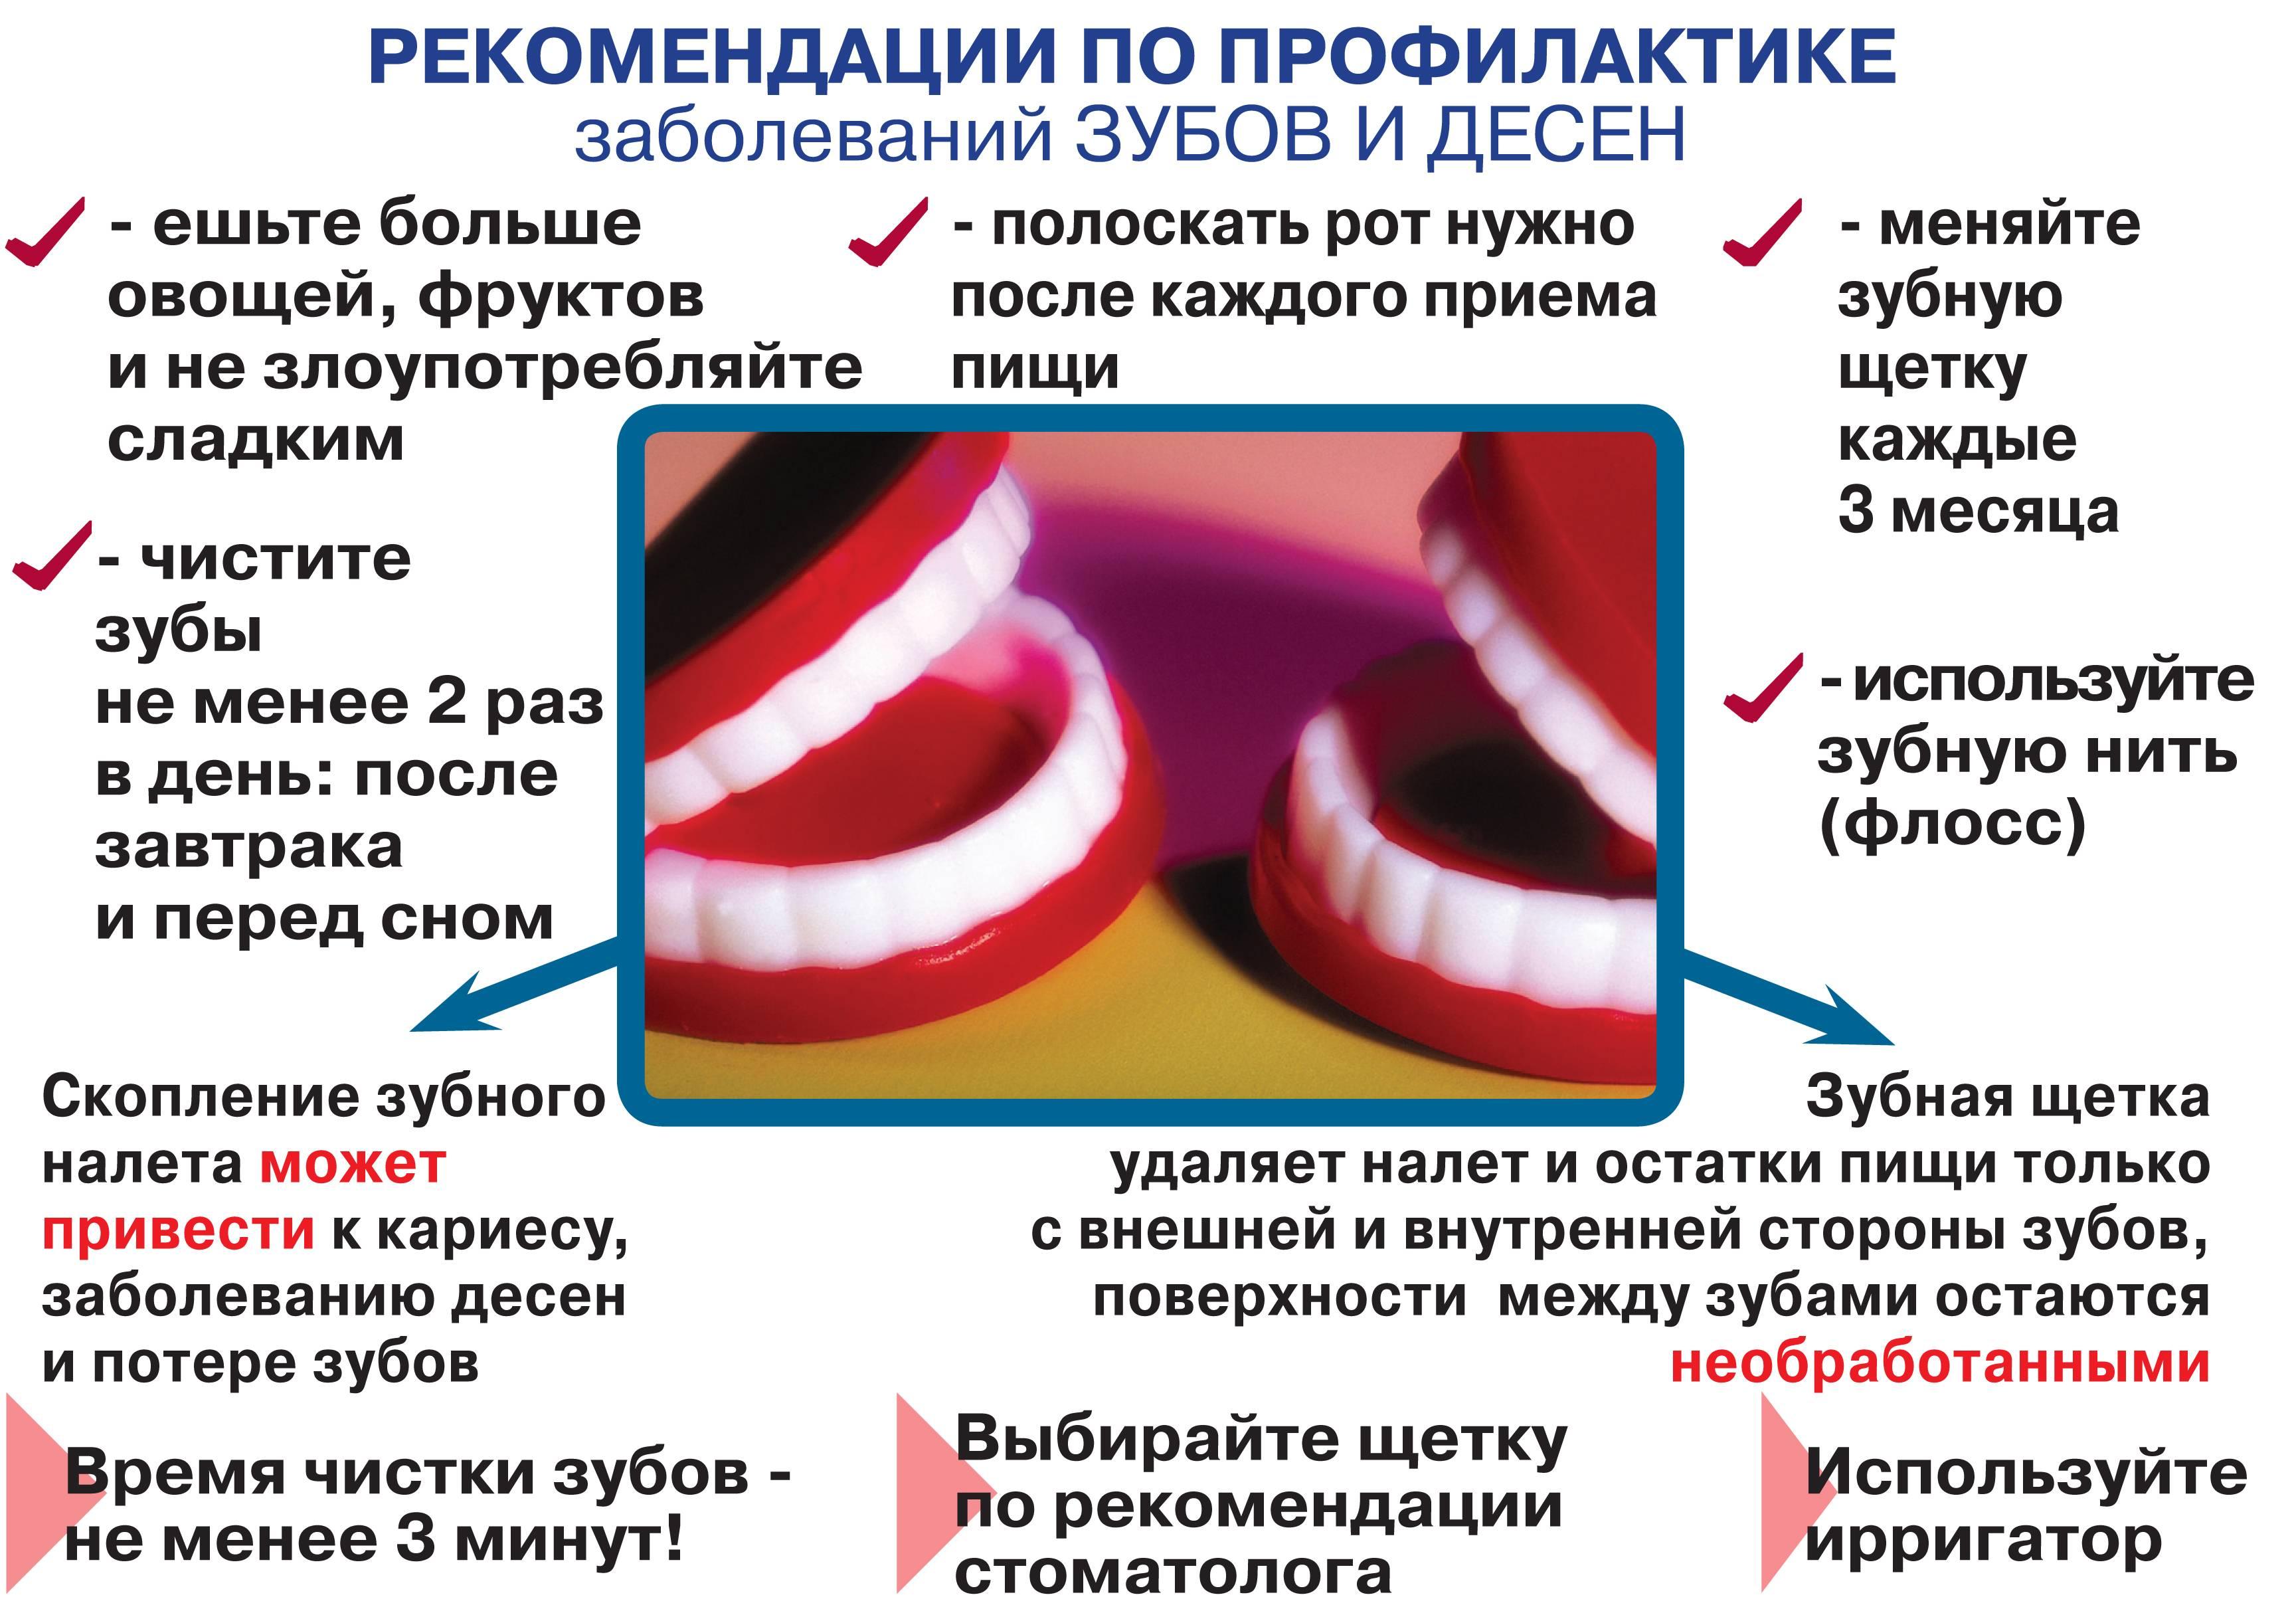 Повышенная чувствительность зубов: причины, лечение в домашних условиях